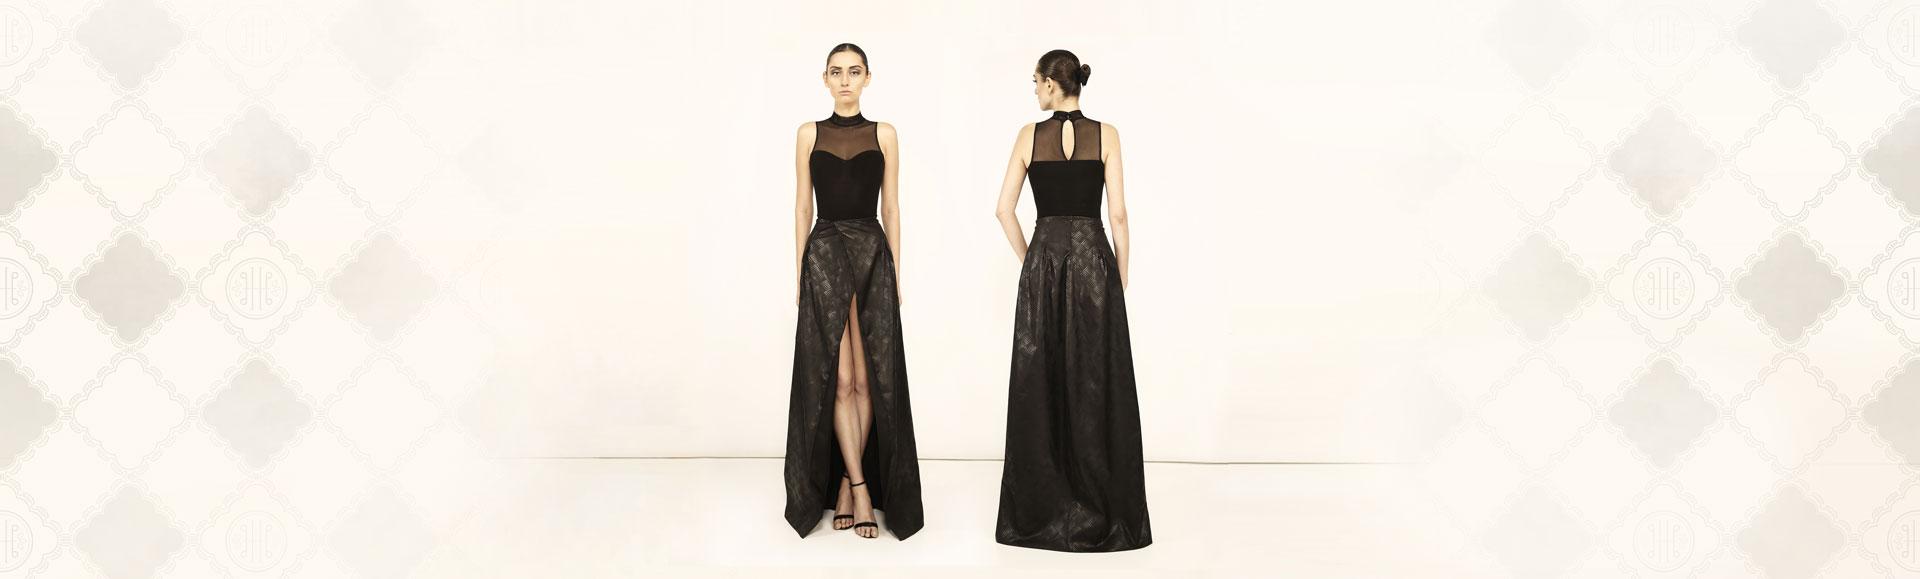 black-ballerina-dress-1-web.jpg